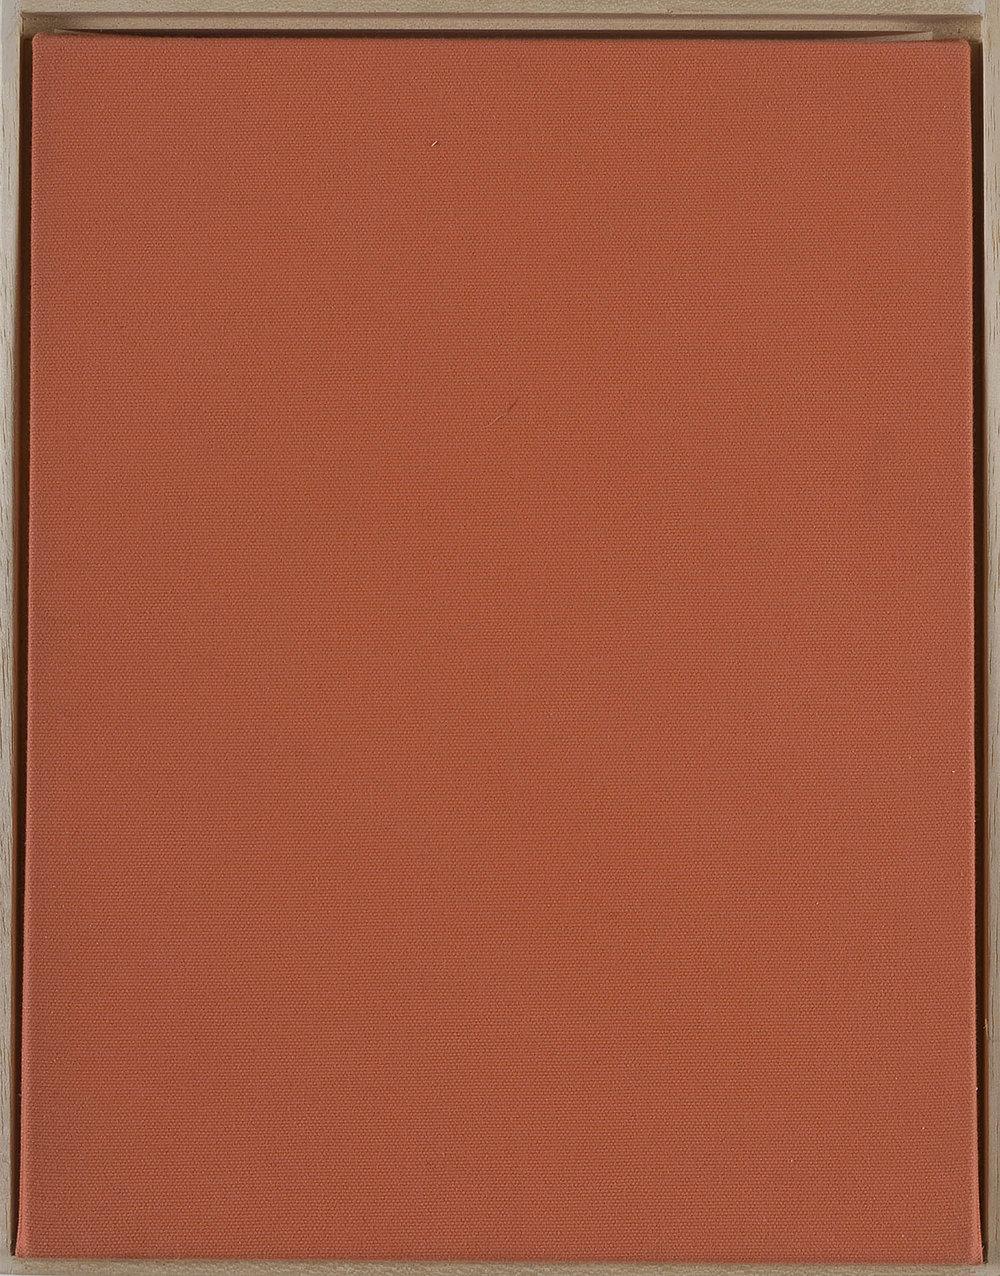 Werkhandlung 3, Der 1. Werksatz 3 | 2002 | Multiple einer Textilarbeit mit Videotape in Holzbox, mit Handzeichnung und Farbfoto in Pergaminhülle | 33 x 26 x 6 cm